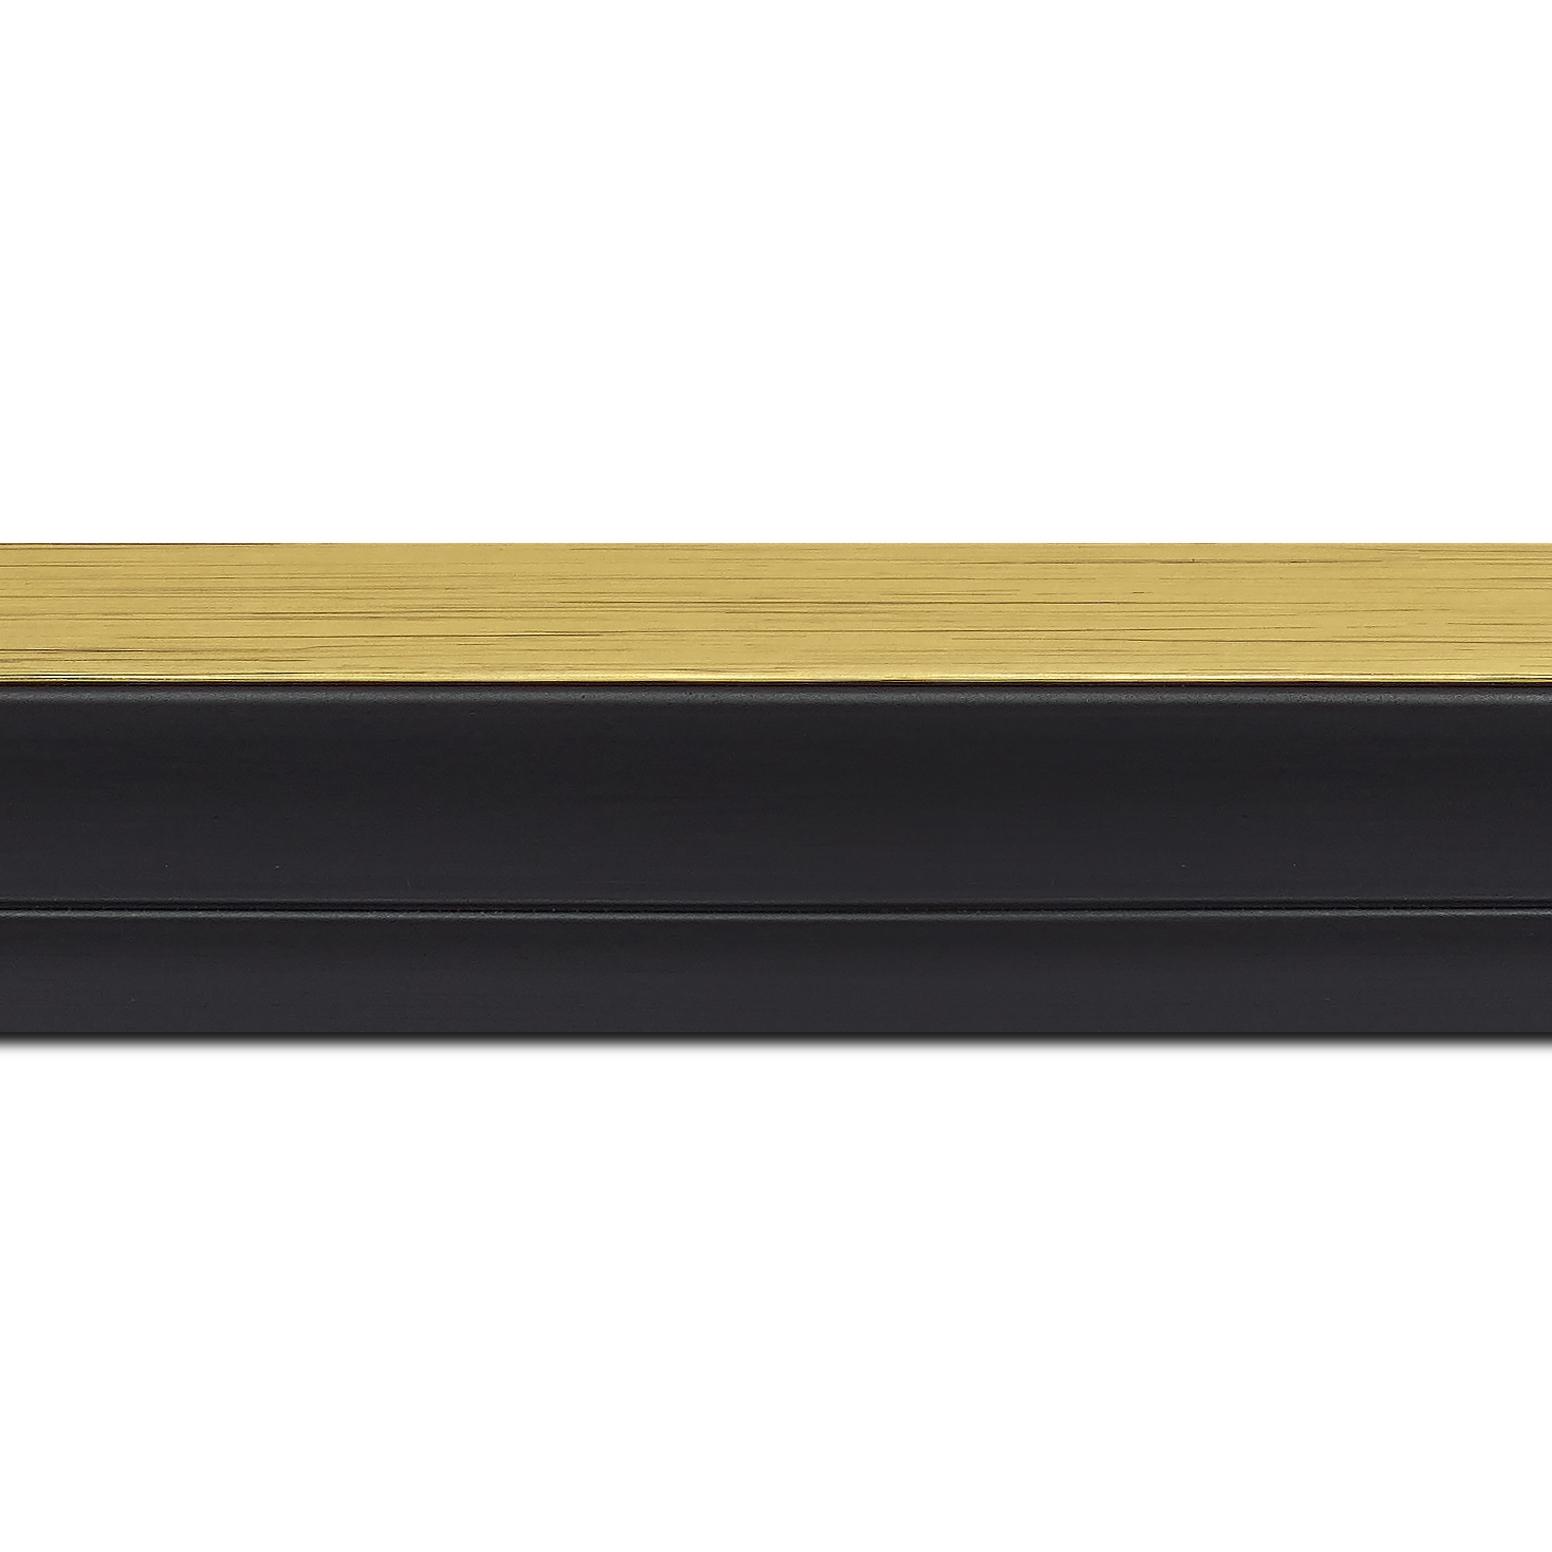 Pack par 12m, bois caisse américaine xl profil escalier largeur 4.9cm noir mat  filet or (spécialement conçu pour les châssis 3d d'une épaisseur de 3 à 4cm)(longueur baguette pouvant varier entre 2.40m et 3m selon arrivage des bois)